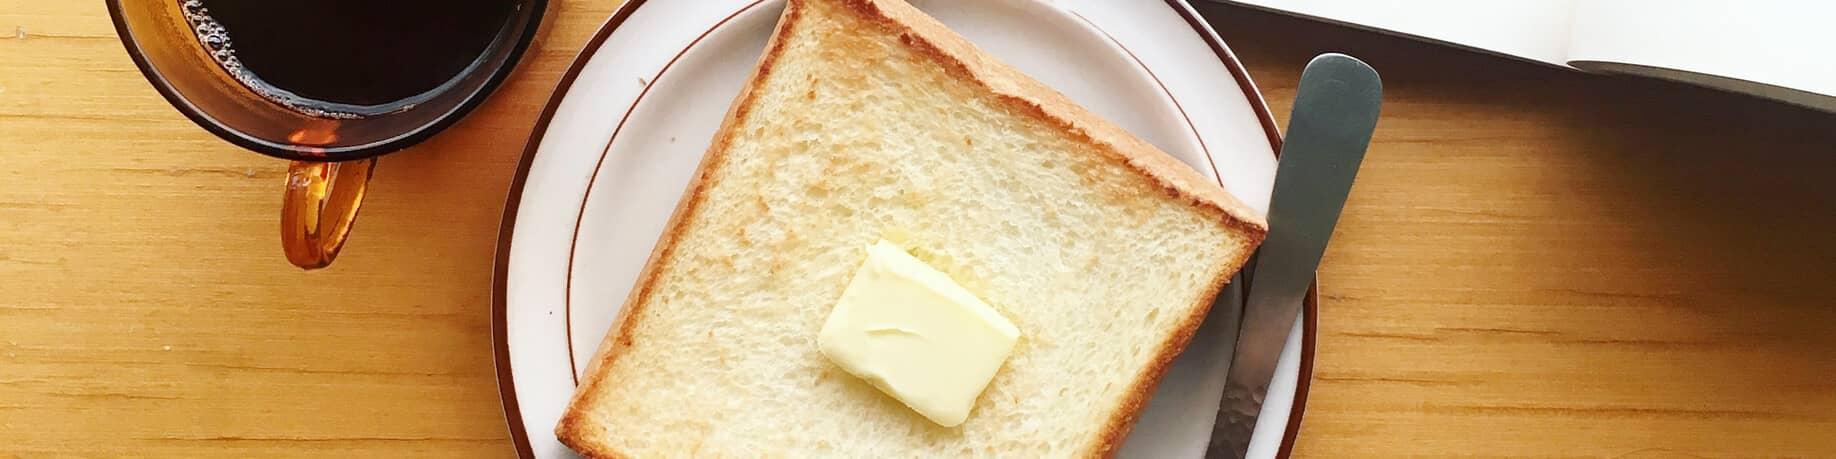 沒事烤個麵包食譜實驗室:無受限的麵包實作